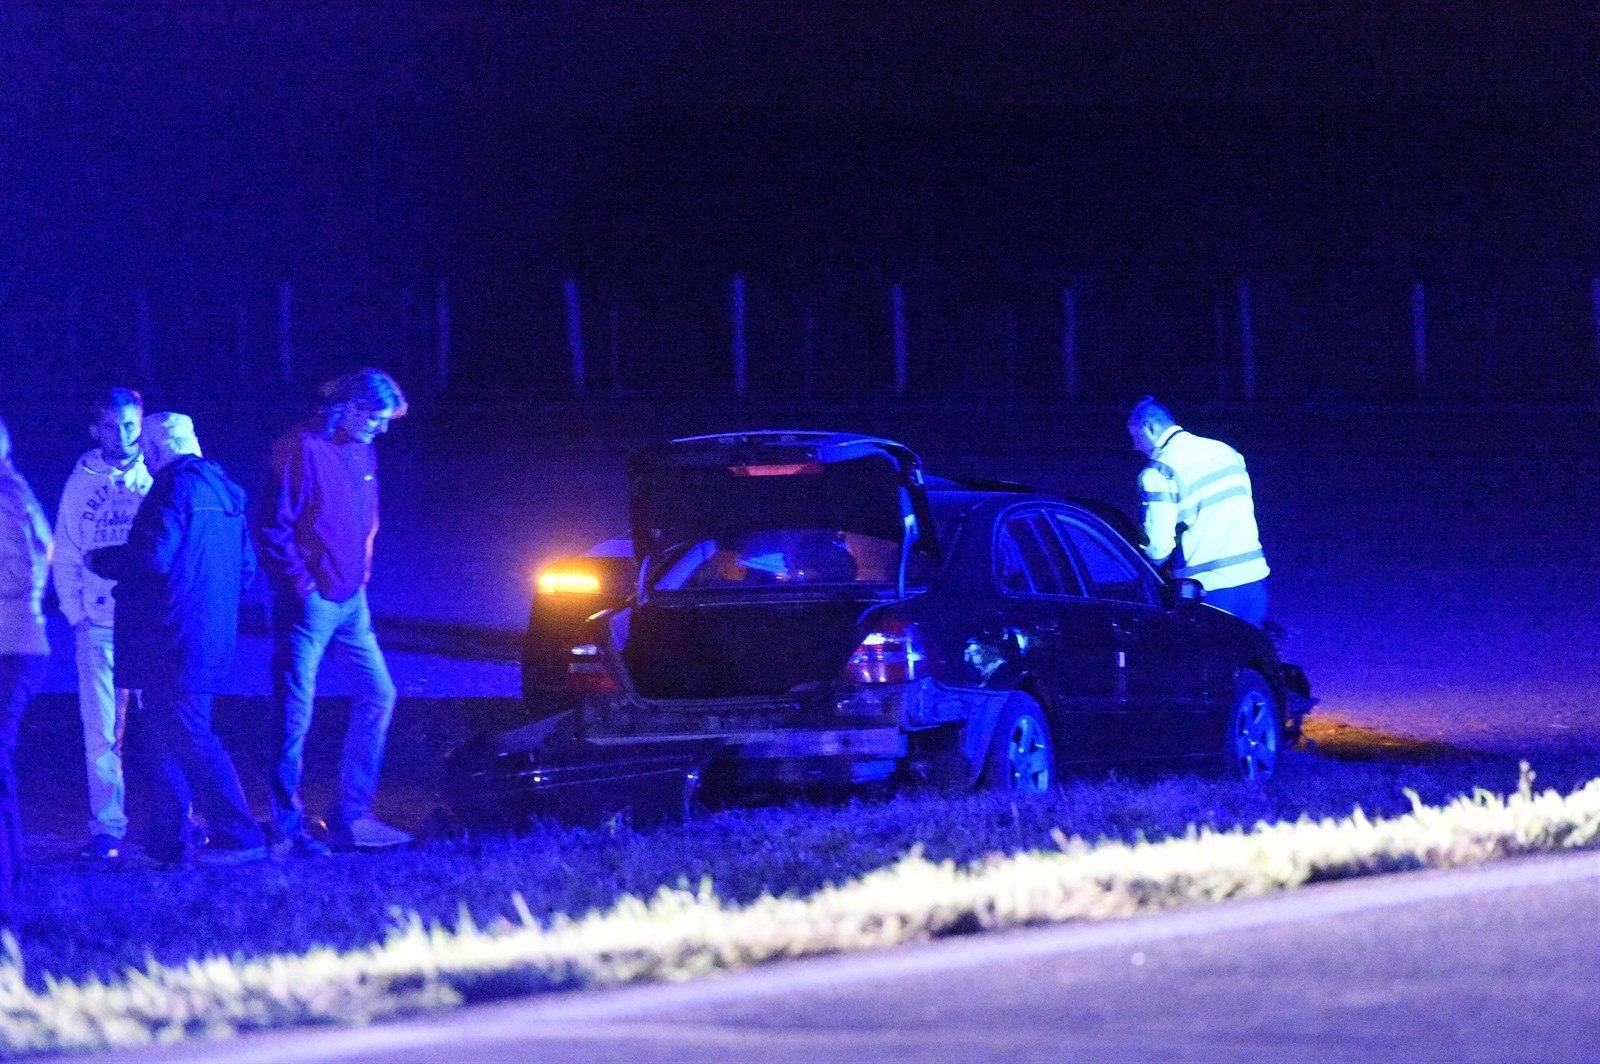 Výsledek obrázku pro U Lechovic na Znojemsku večer havarovalo auto s člověkem, který patří mezi osoby chráněné policií. Při nehodě se údajně lehce zranil ministr zahraničních věcí Lubomír Zaorálek… Autor: ČTK